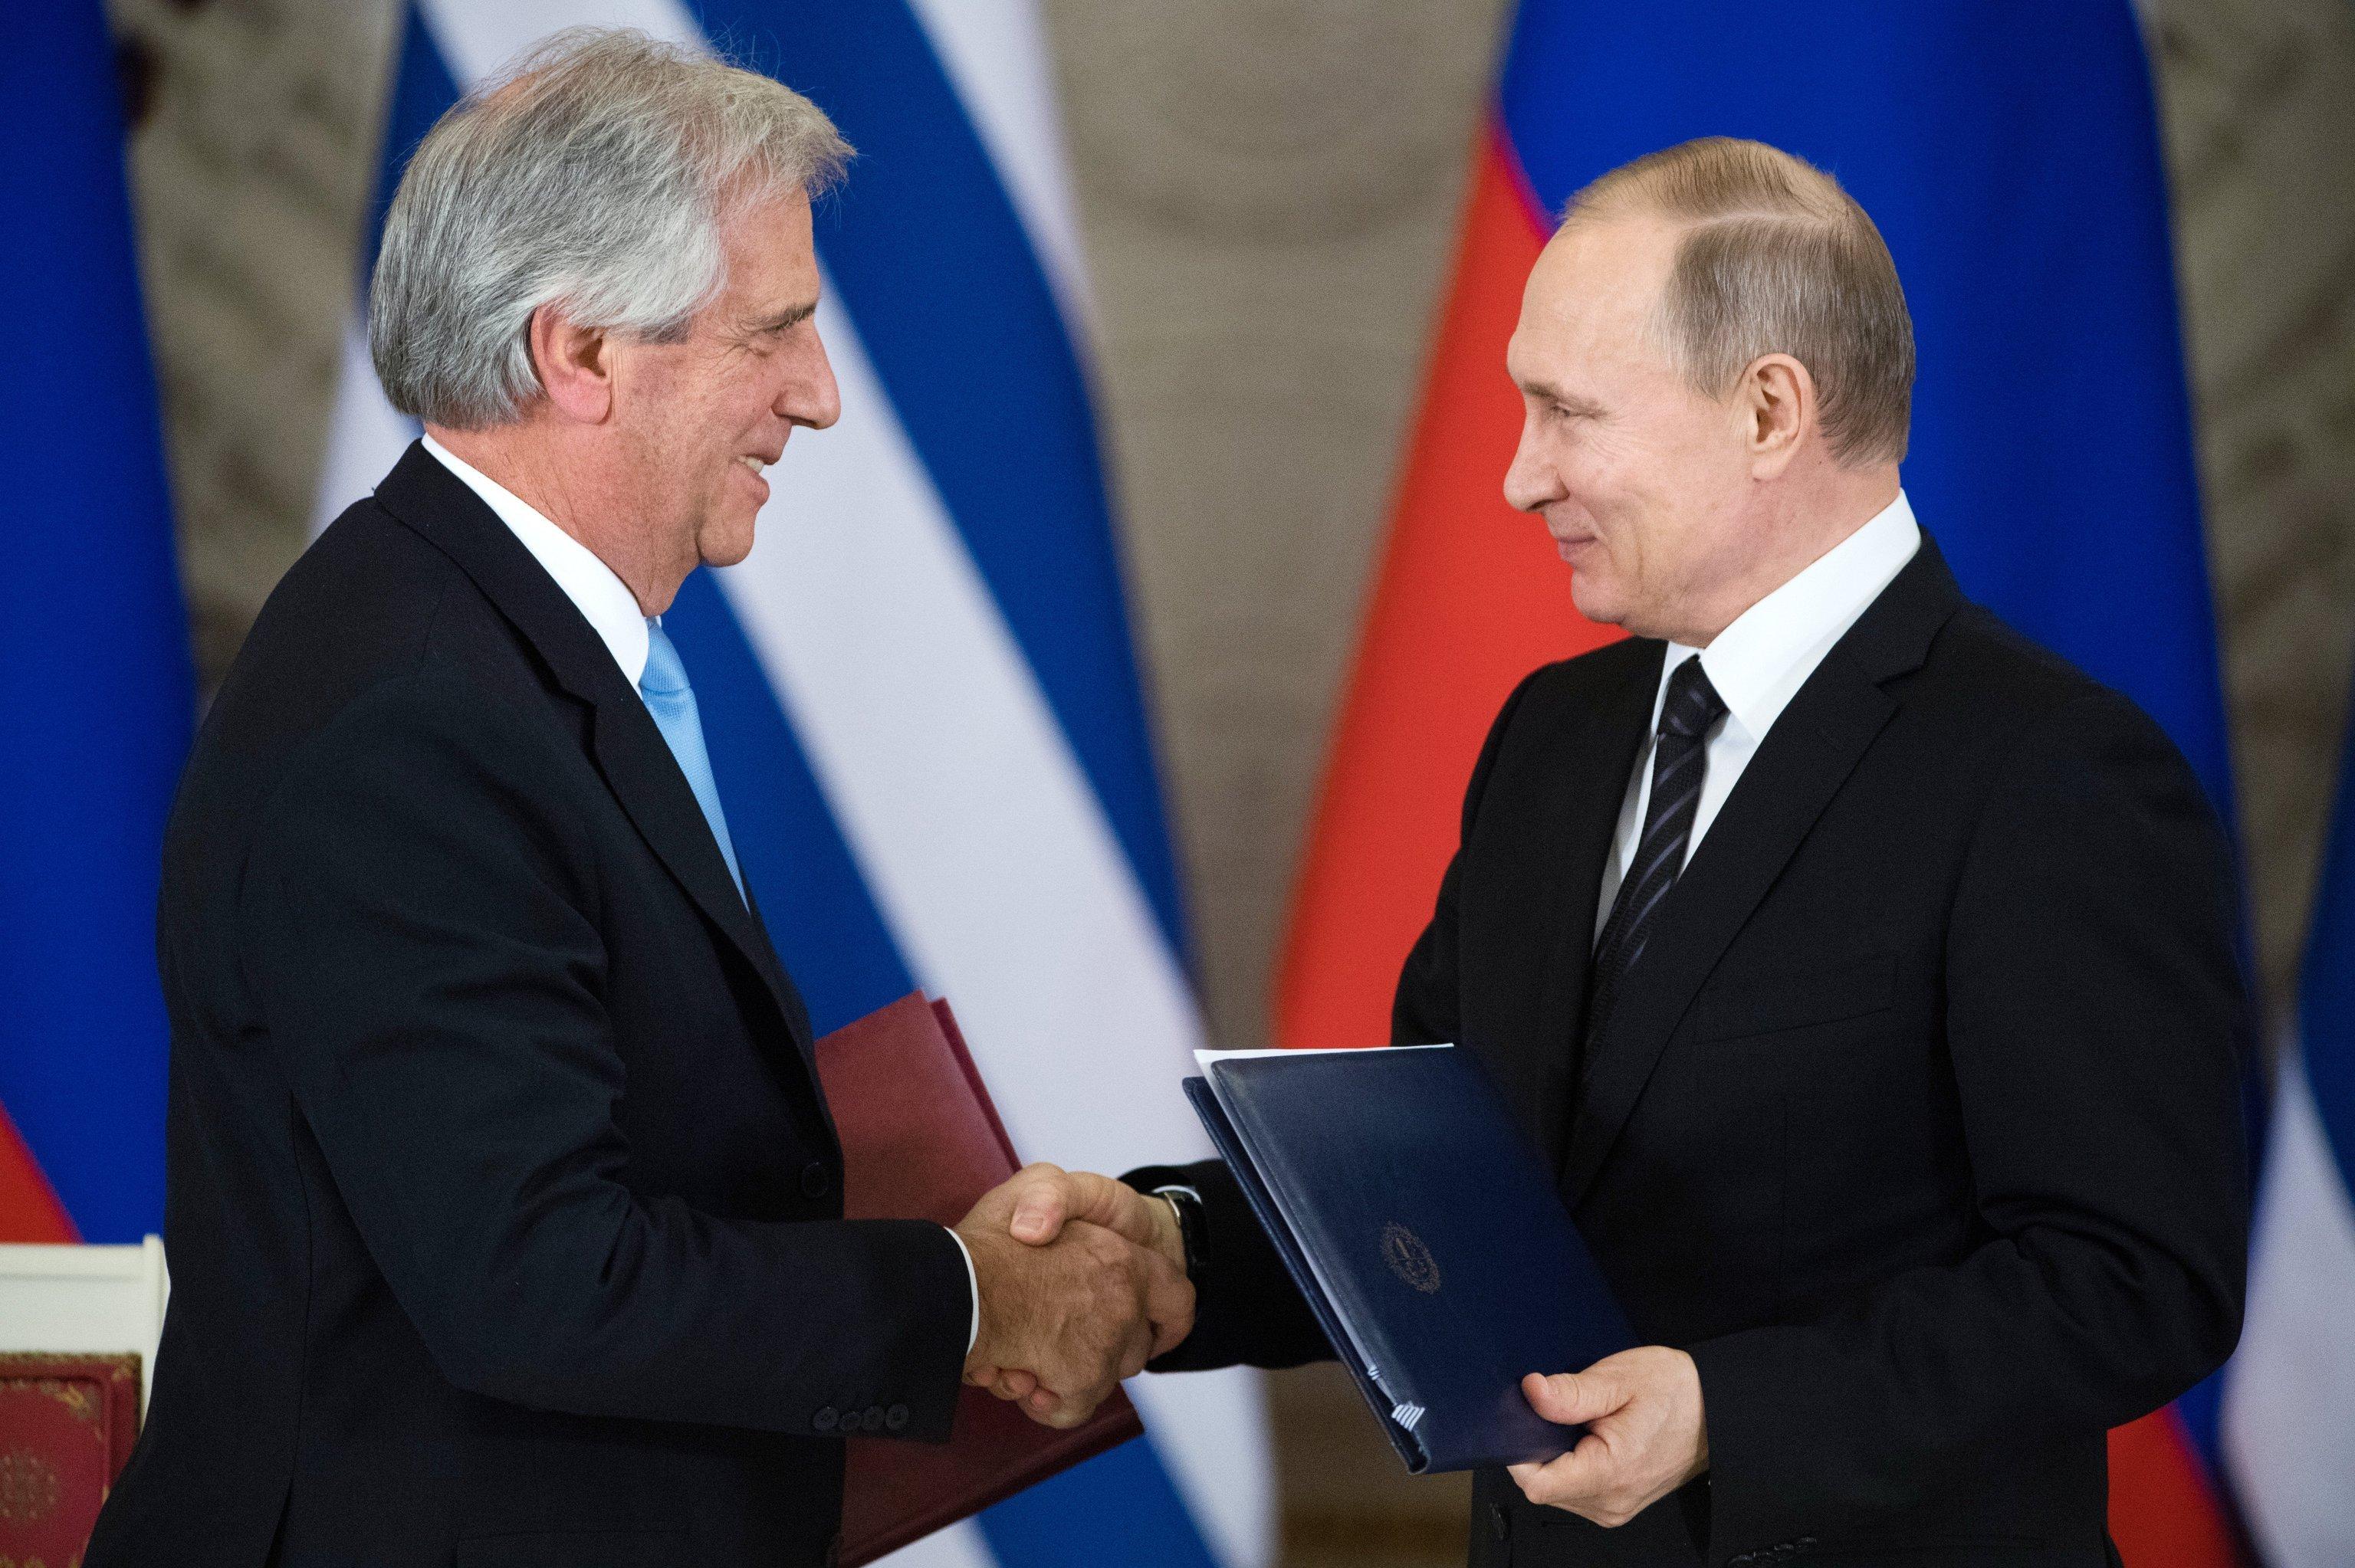 Tabaré Vázquez (a la izquierda) y Vladímir Putin (a la derecha) durante la ceremonia de firma del plan de acción para el desarrollo de las relaciones bilaterales entre la Federación de Rusia y la República Oriental del Uruguay. Moscú, 16 de enero de 2017.